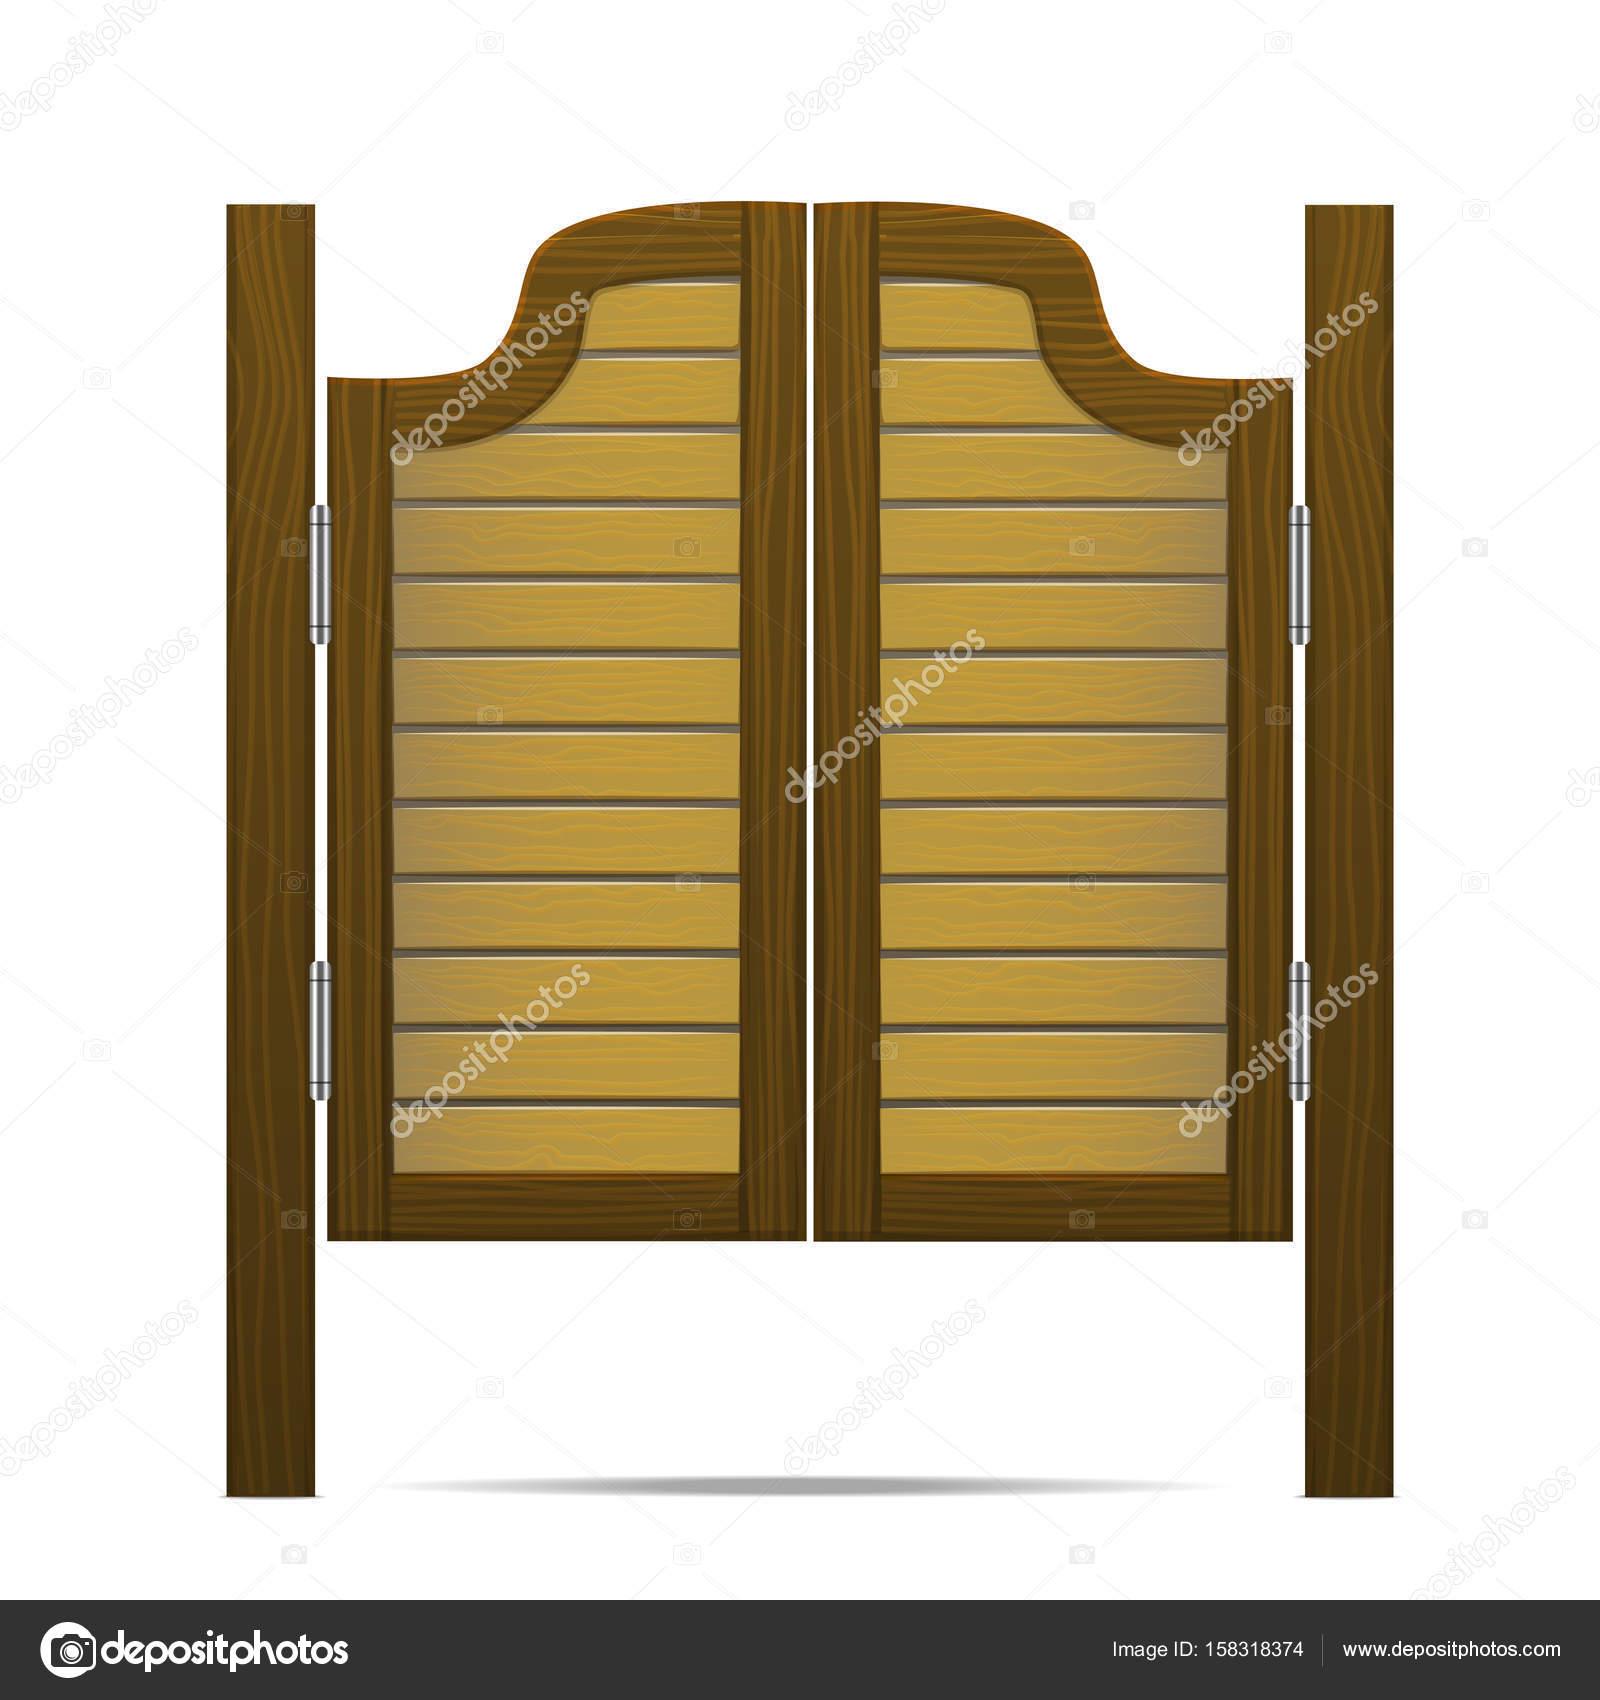 Wooden Brown Gate or Door in Saloon Bar or Pub. Vector \u2014 Stock Vector  sc 1 st  Depositphotos & Wooden Brown Gate or Door in Saloon Bar or Pub. Vector \u2014 Stock ...